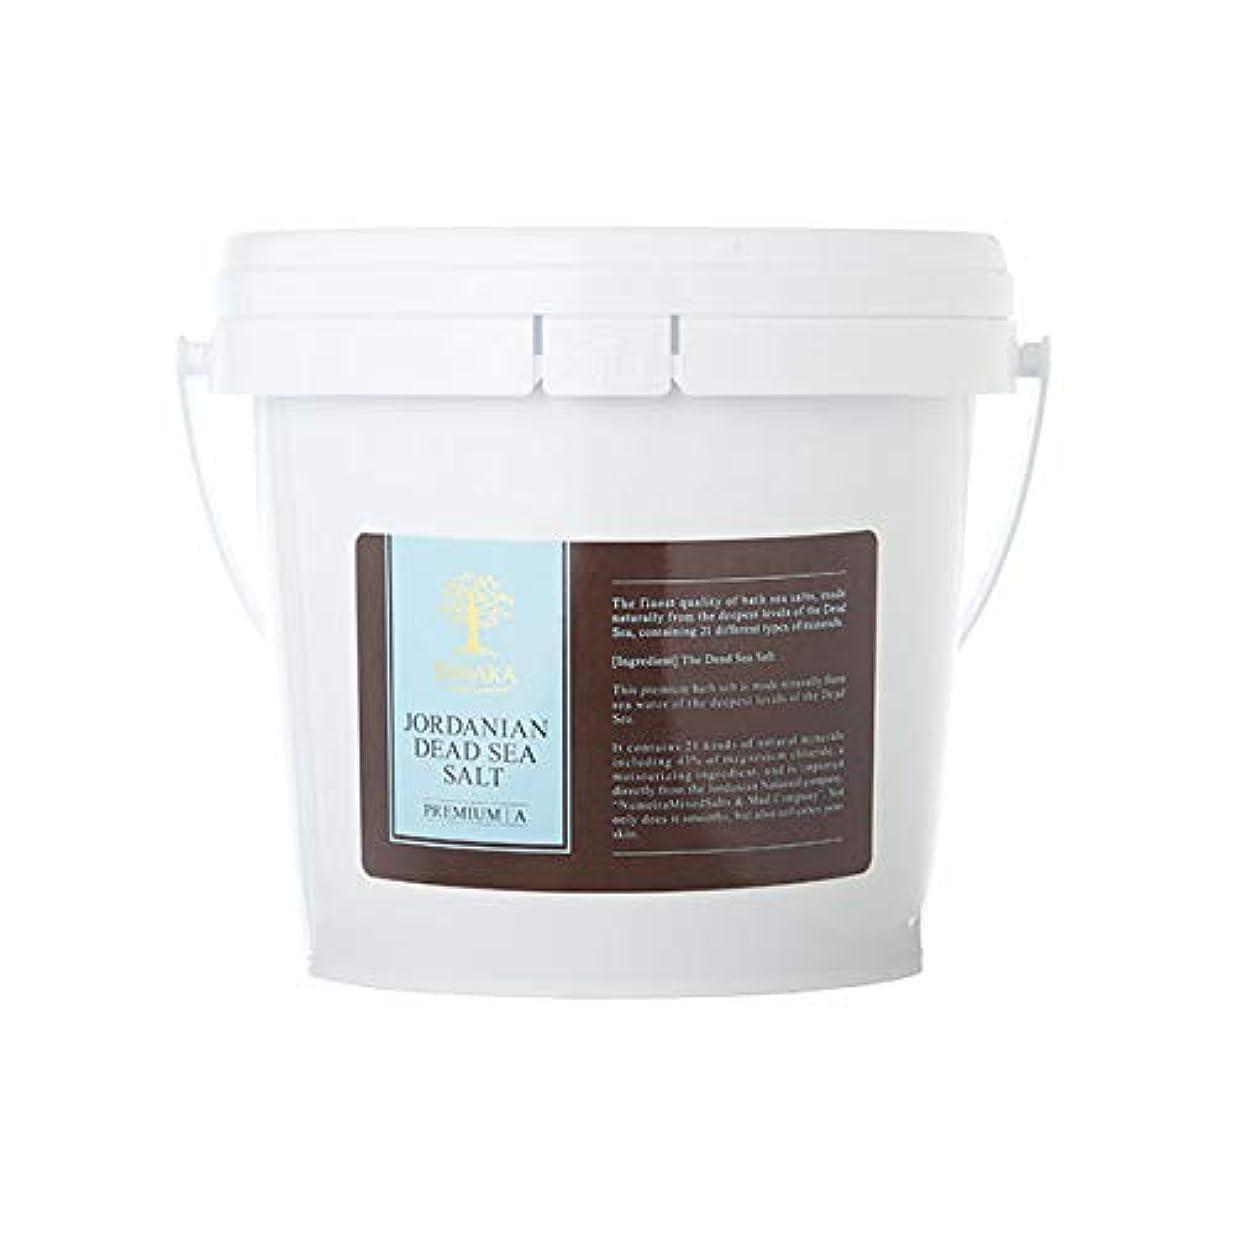 降雨気体のマイルドBARAKA(バラカ) ジョルダニアン デッドシー ソルト バケツ 1.5kg バスソルト 入浴剤 ヨルダン産死海塩100%